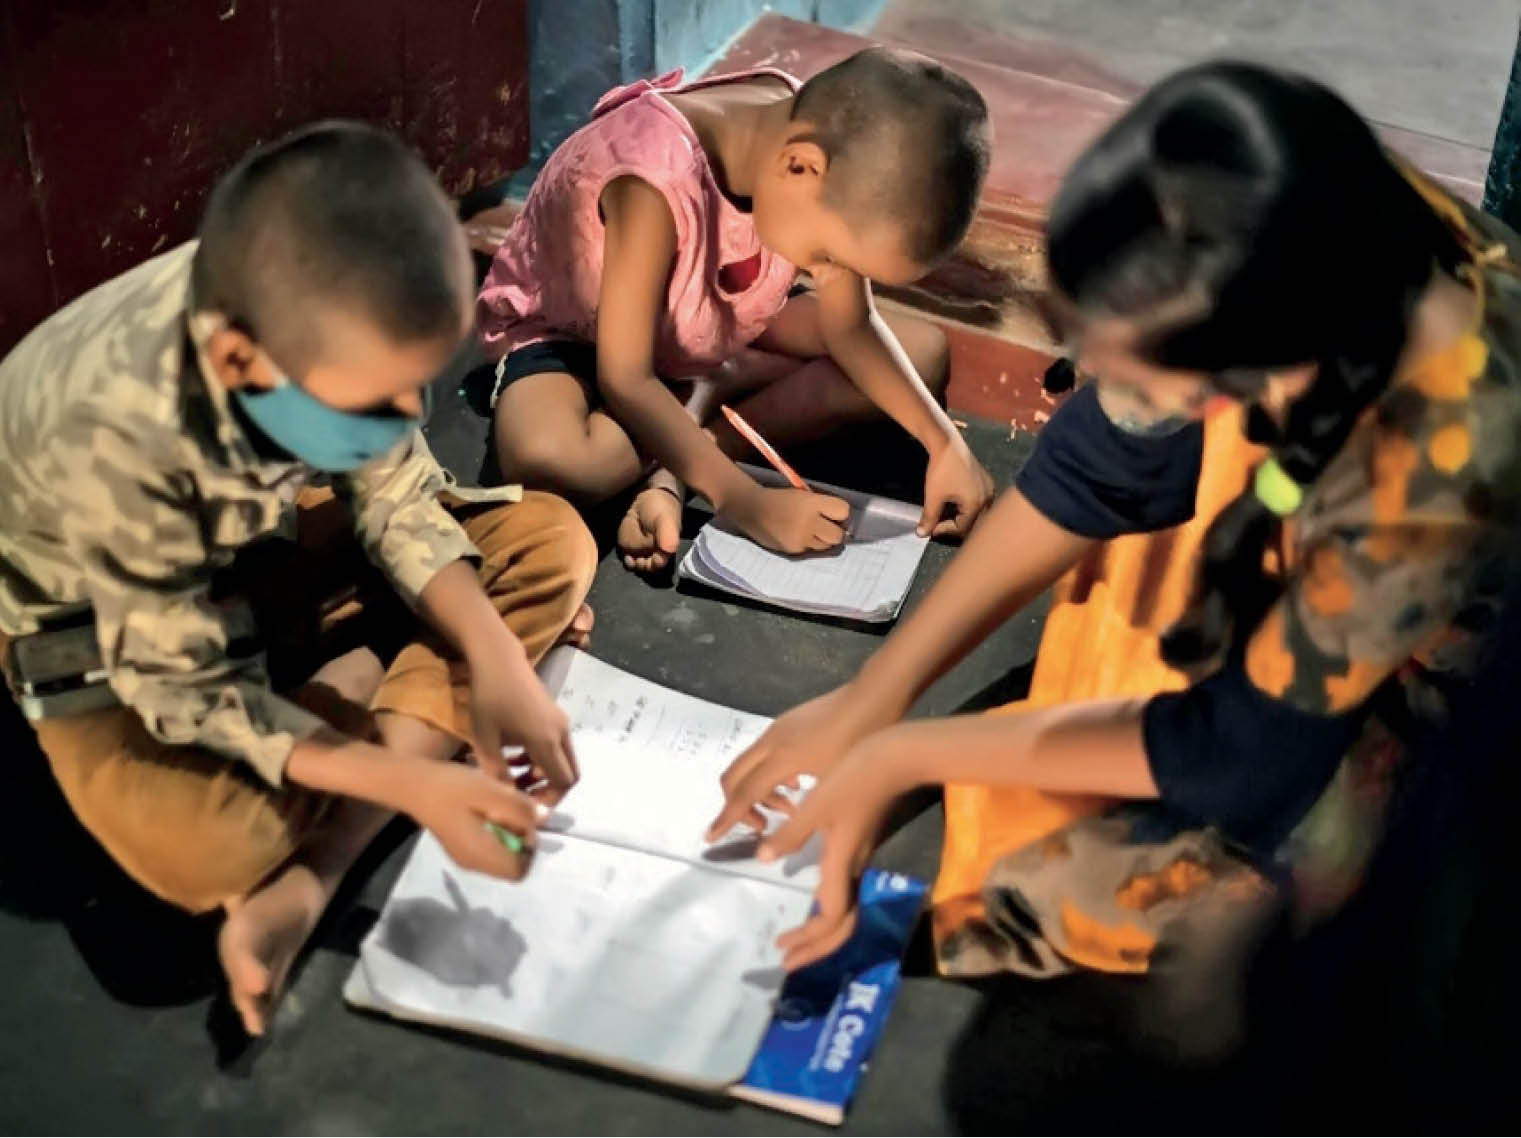 भारत में 3 हजार से ज्यादा बच्चों ने माता-पिता खो दिए, डेथ सर्टिफिकेट बनवाने में भी हो रही परेशानी; बेसहारा मासूमों को बेचे जाने का खतरा|देश,National - Dainik Bhaskar